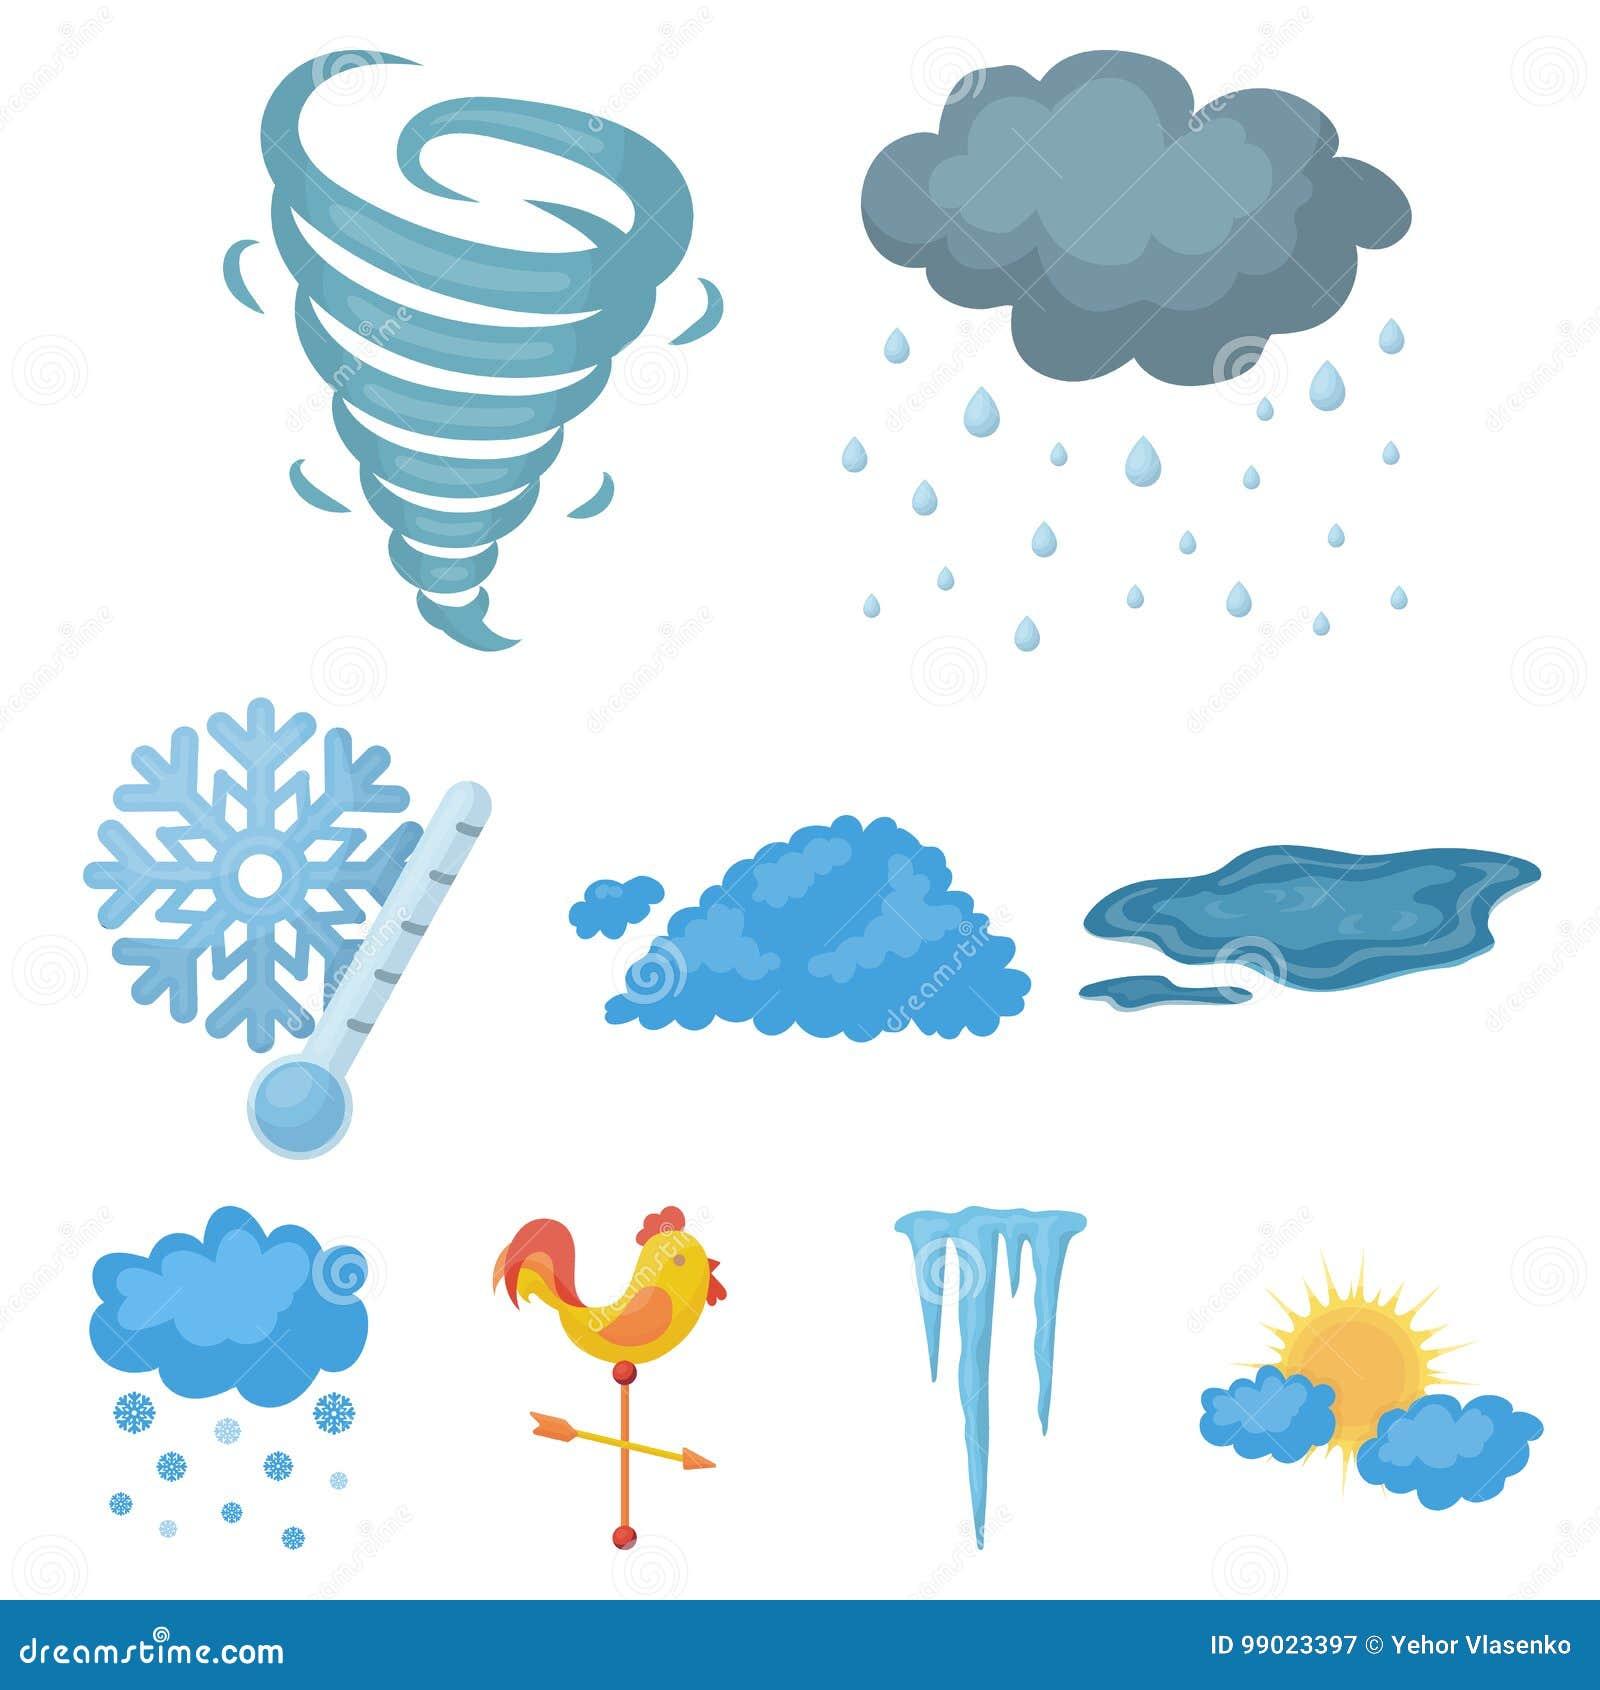 Weather set icons in cartoon style big collection of weather big collection of weather vector symbol stock illustration buycottarizona Images